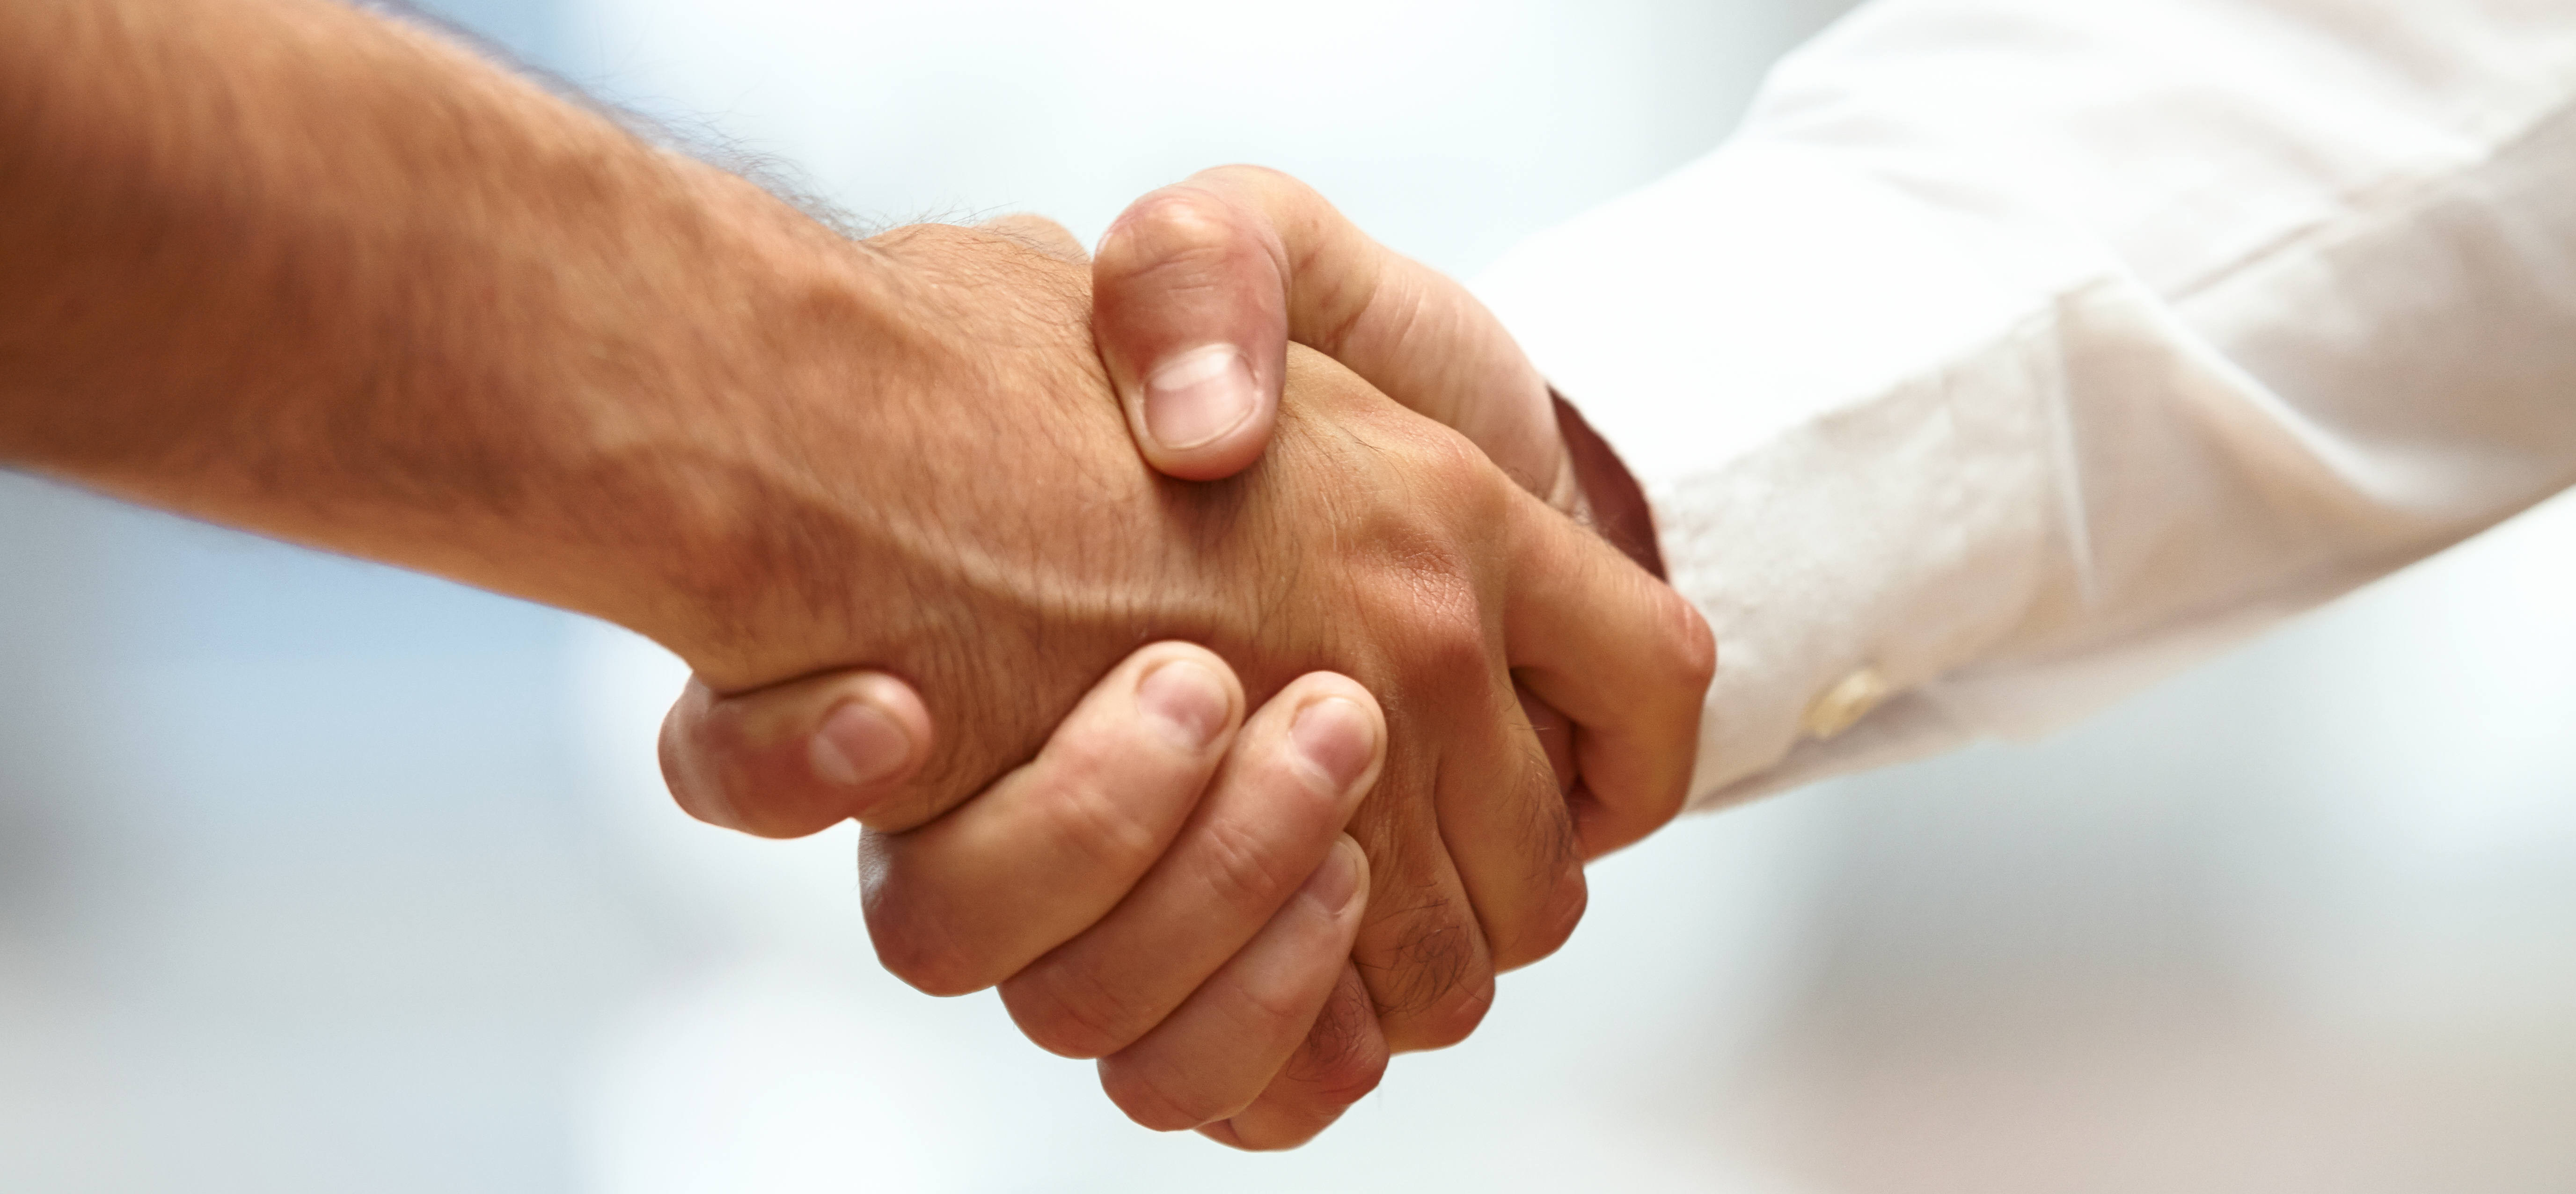 Serment_poignéede mains